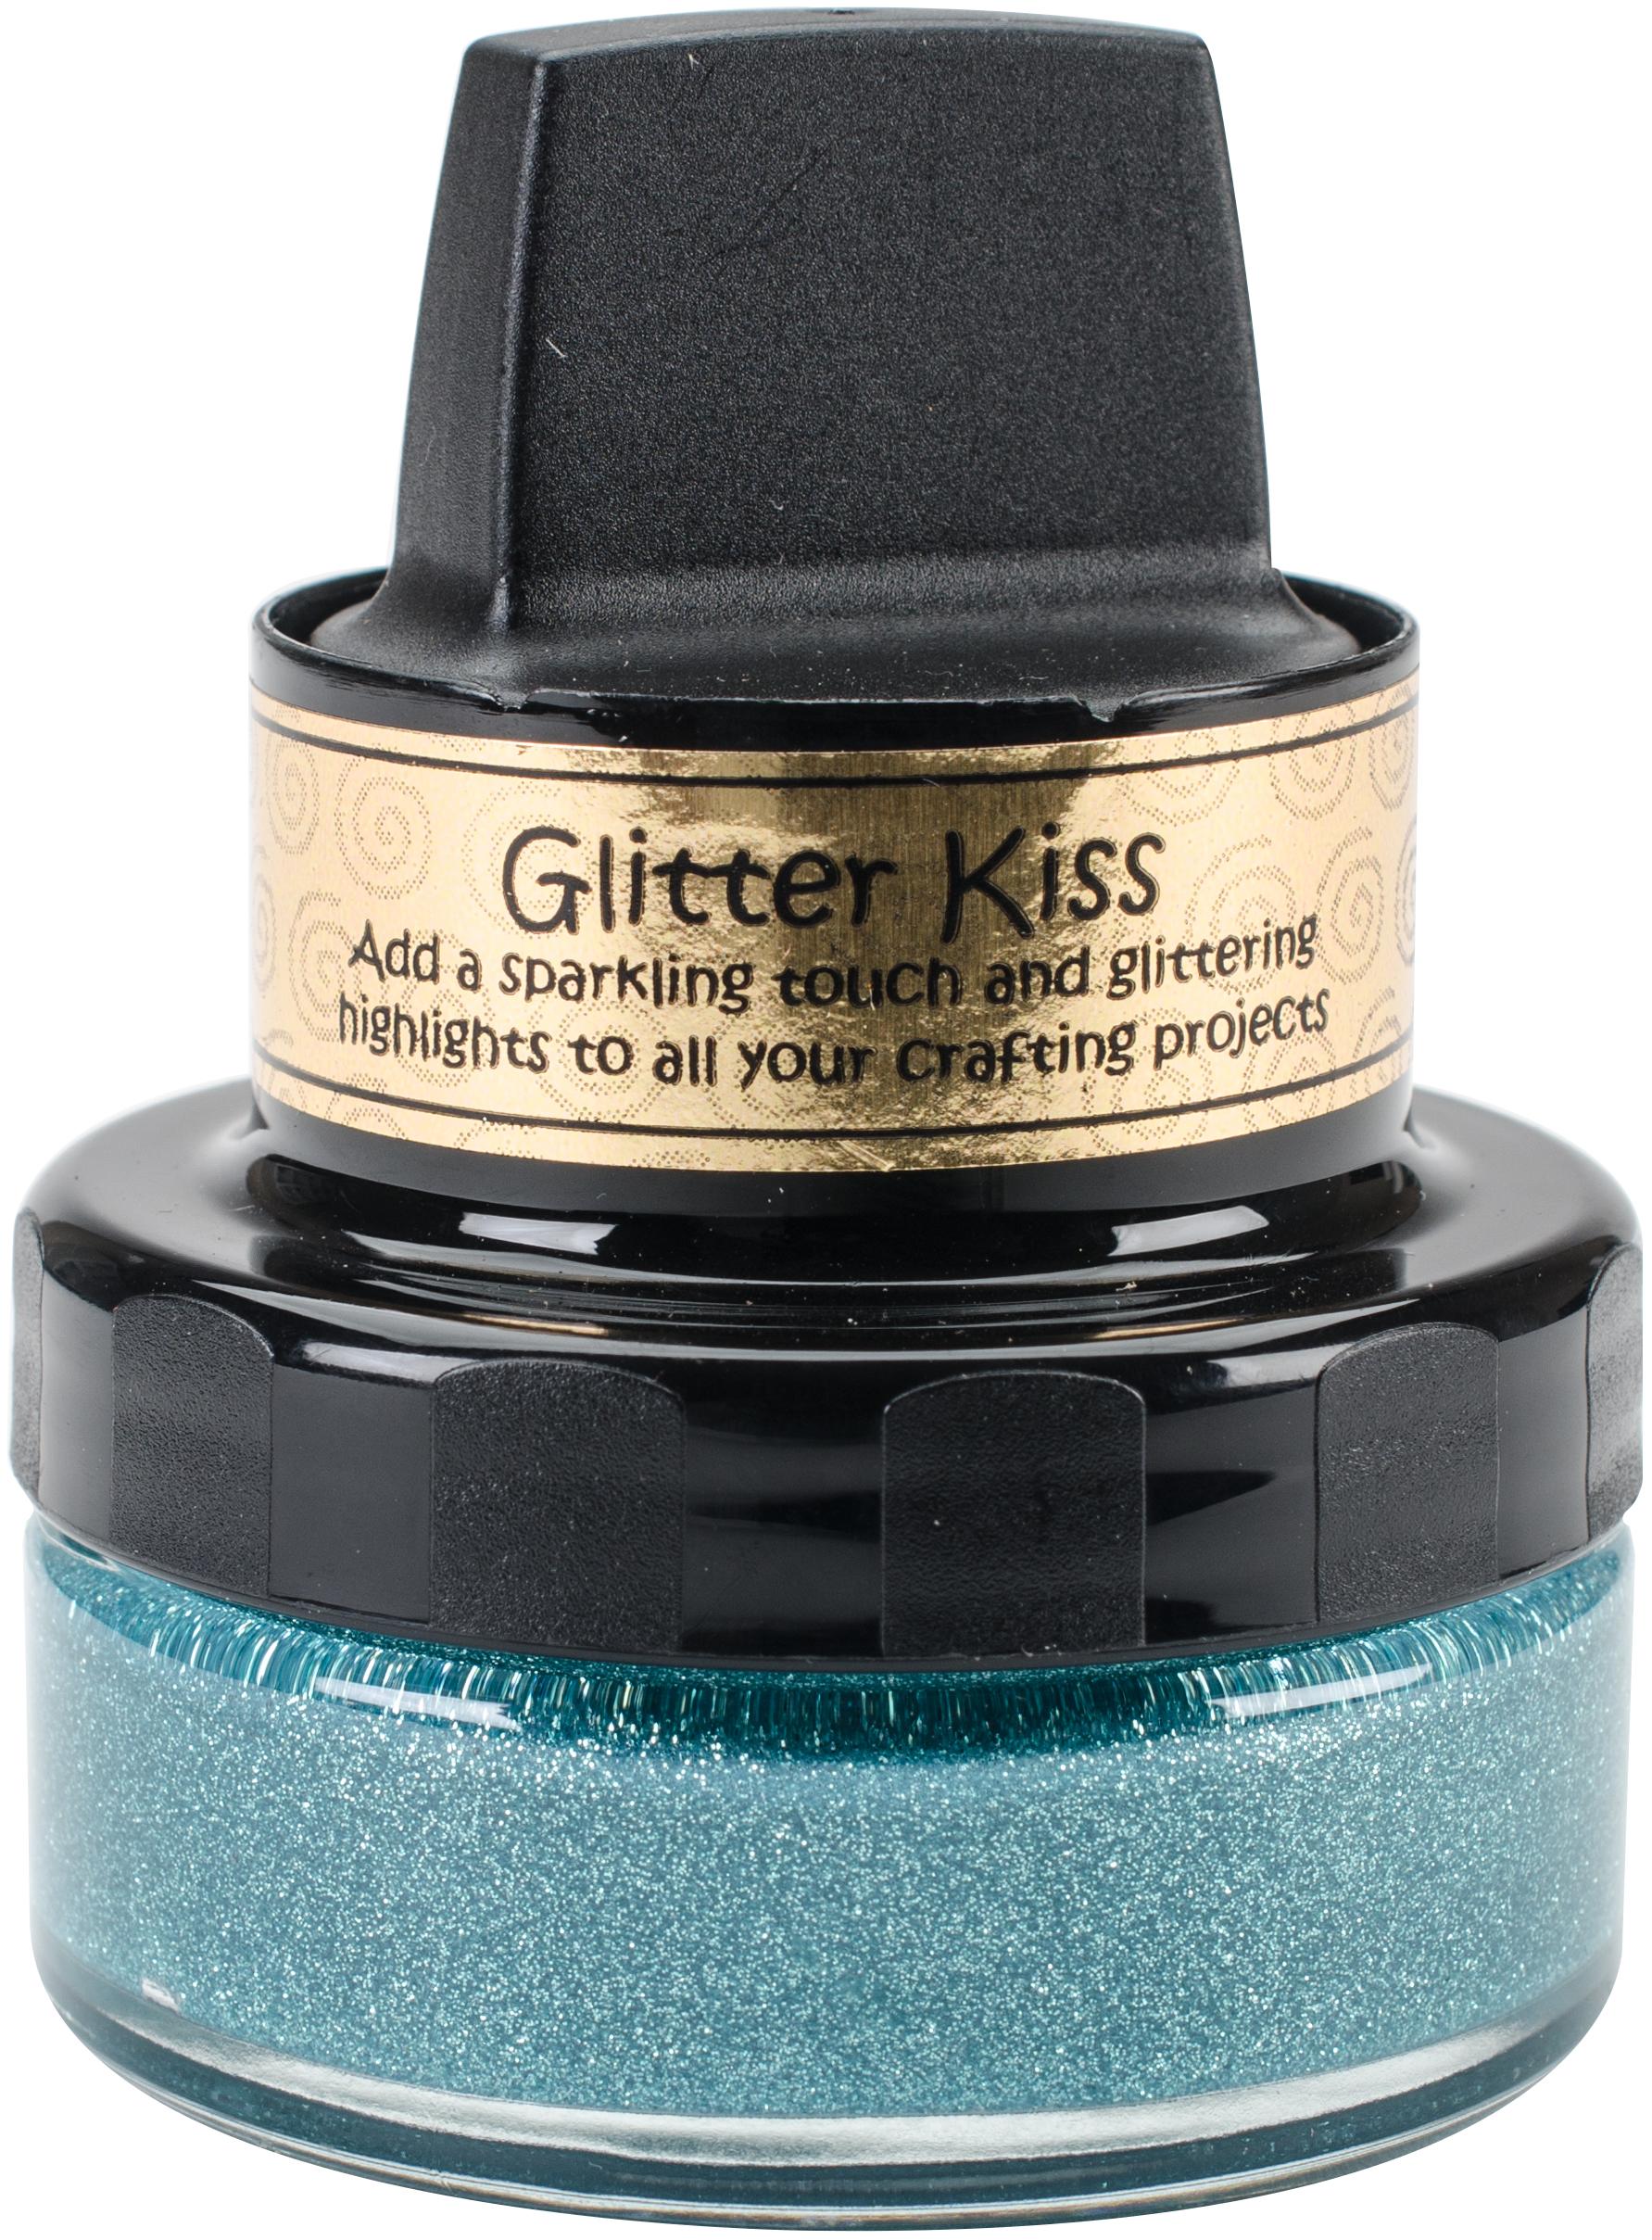 Ice Blue - Cosmic Shimmer Glitter Kiss